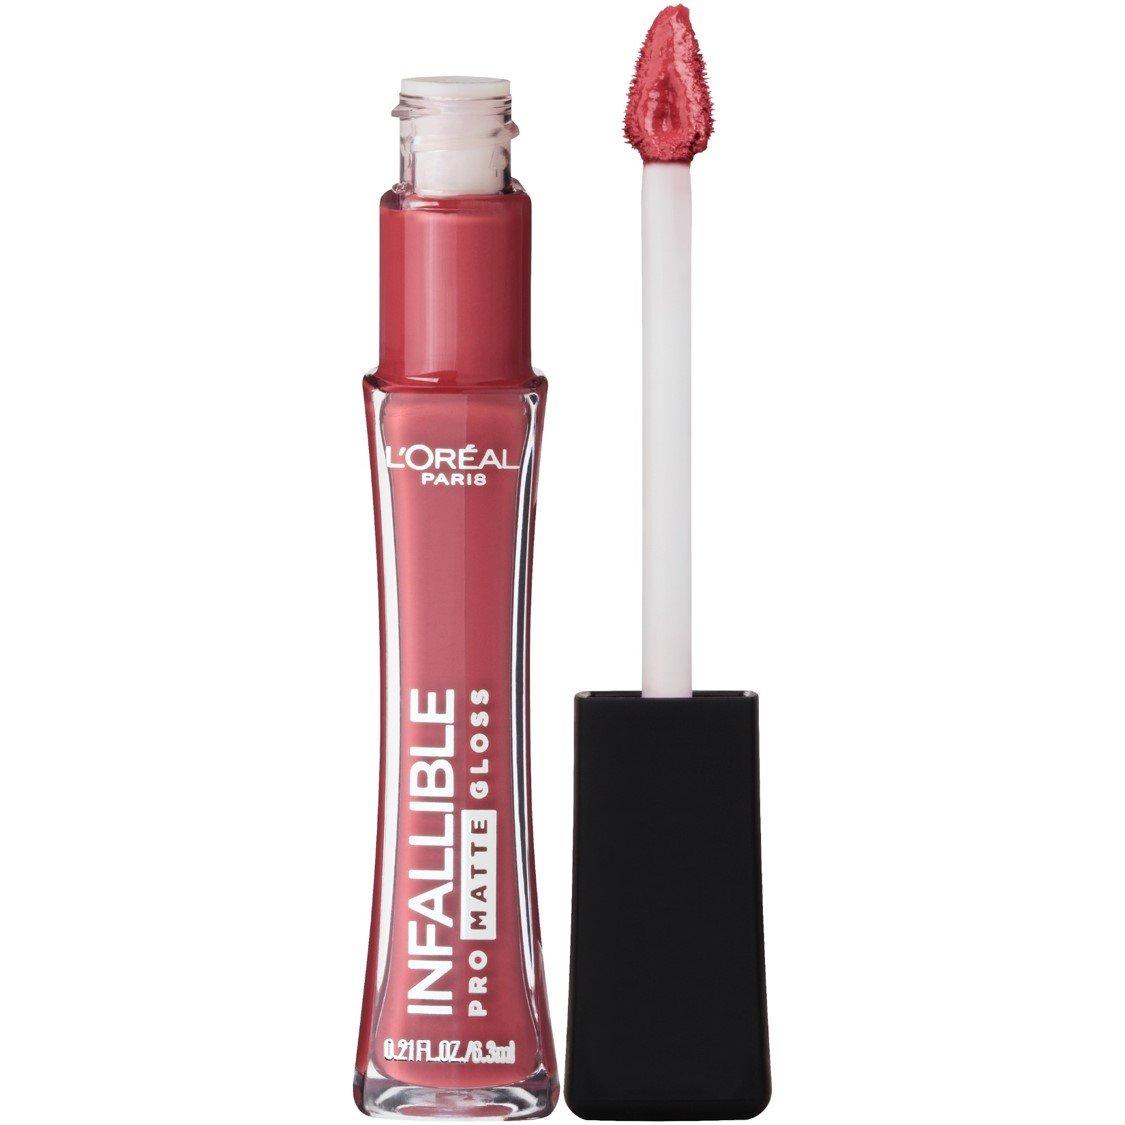 Loreal blushing nude blush commit